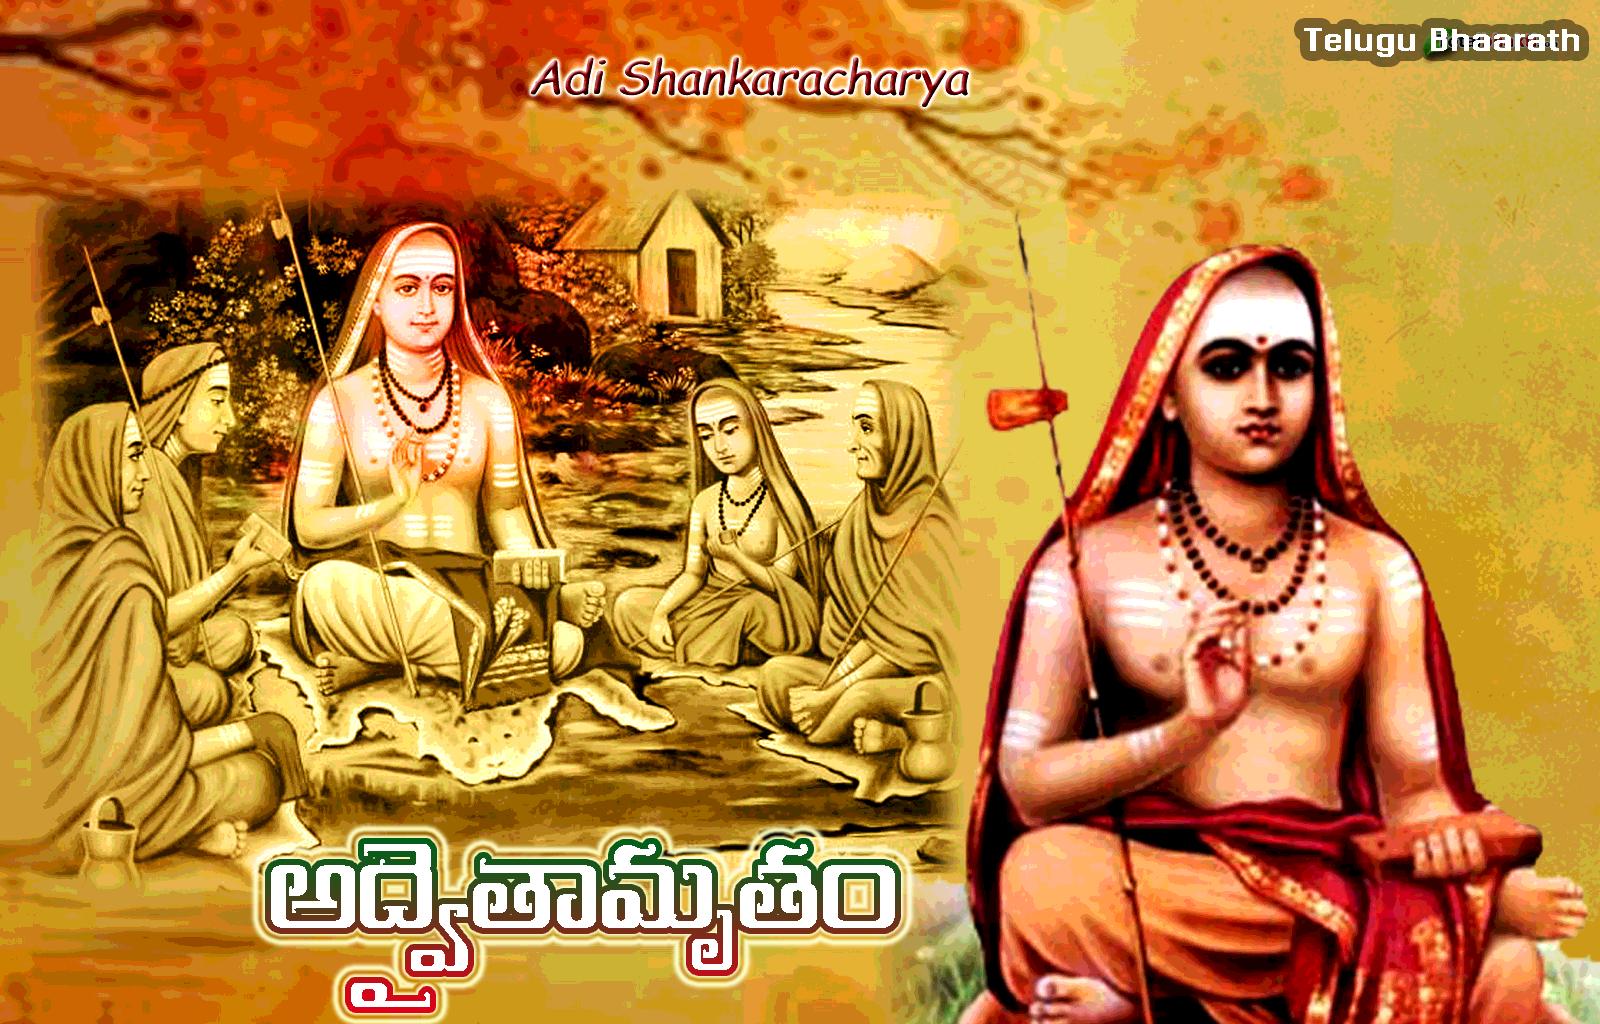 అద్వైతామృతం, దశశ్లోకీ - నిర్వాణ దశకము - Advaita, Nirvaana Dasakamu